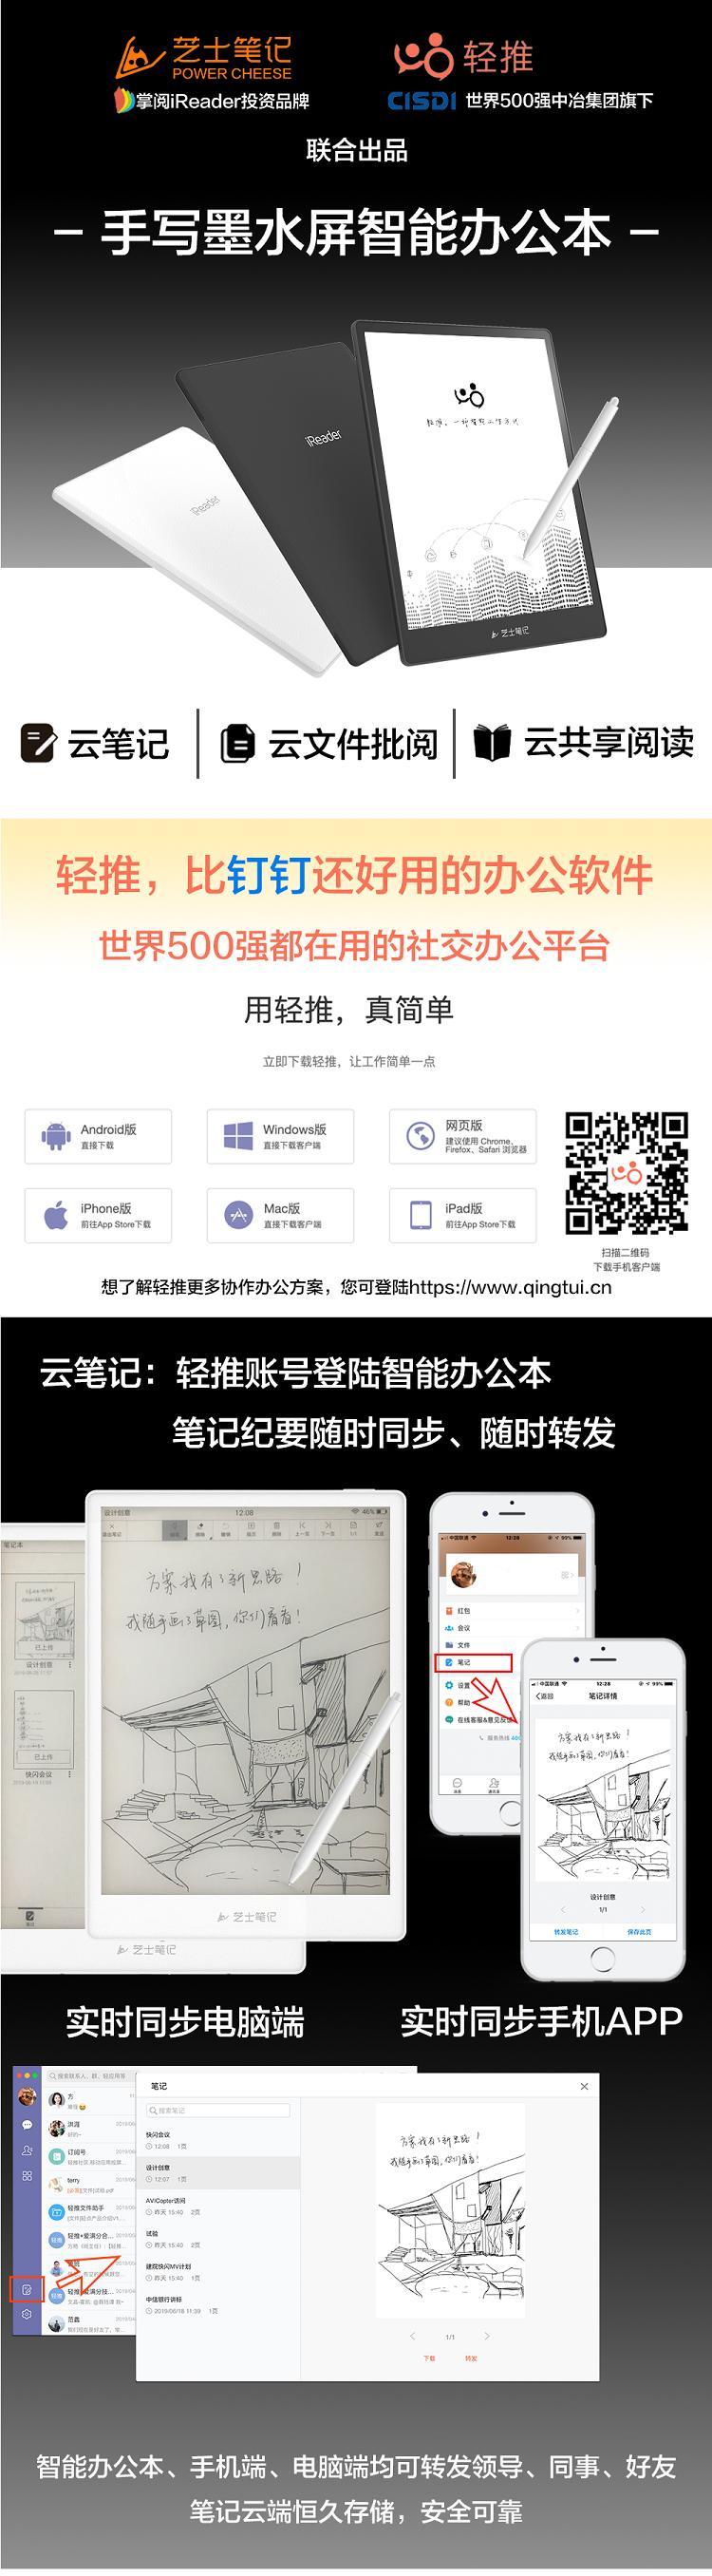 芝士笔记-轻推版智能办公本-官网,官方淘宝店